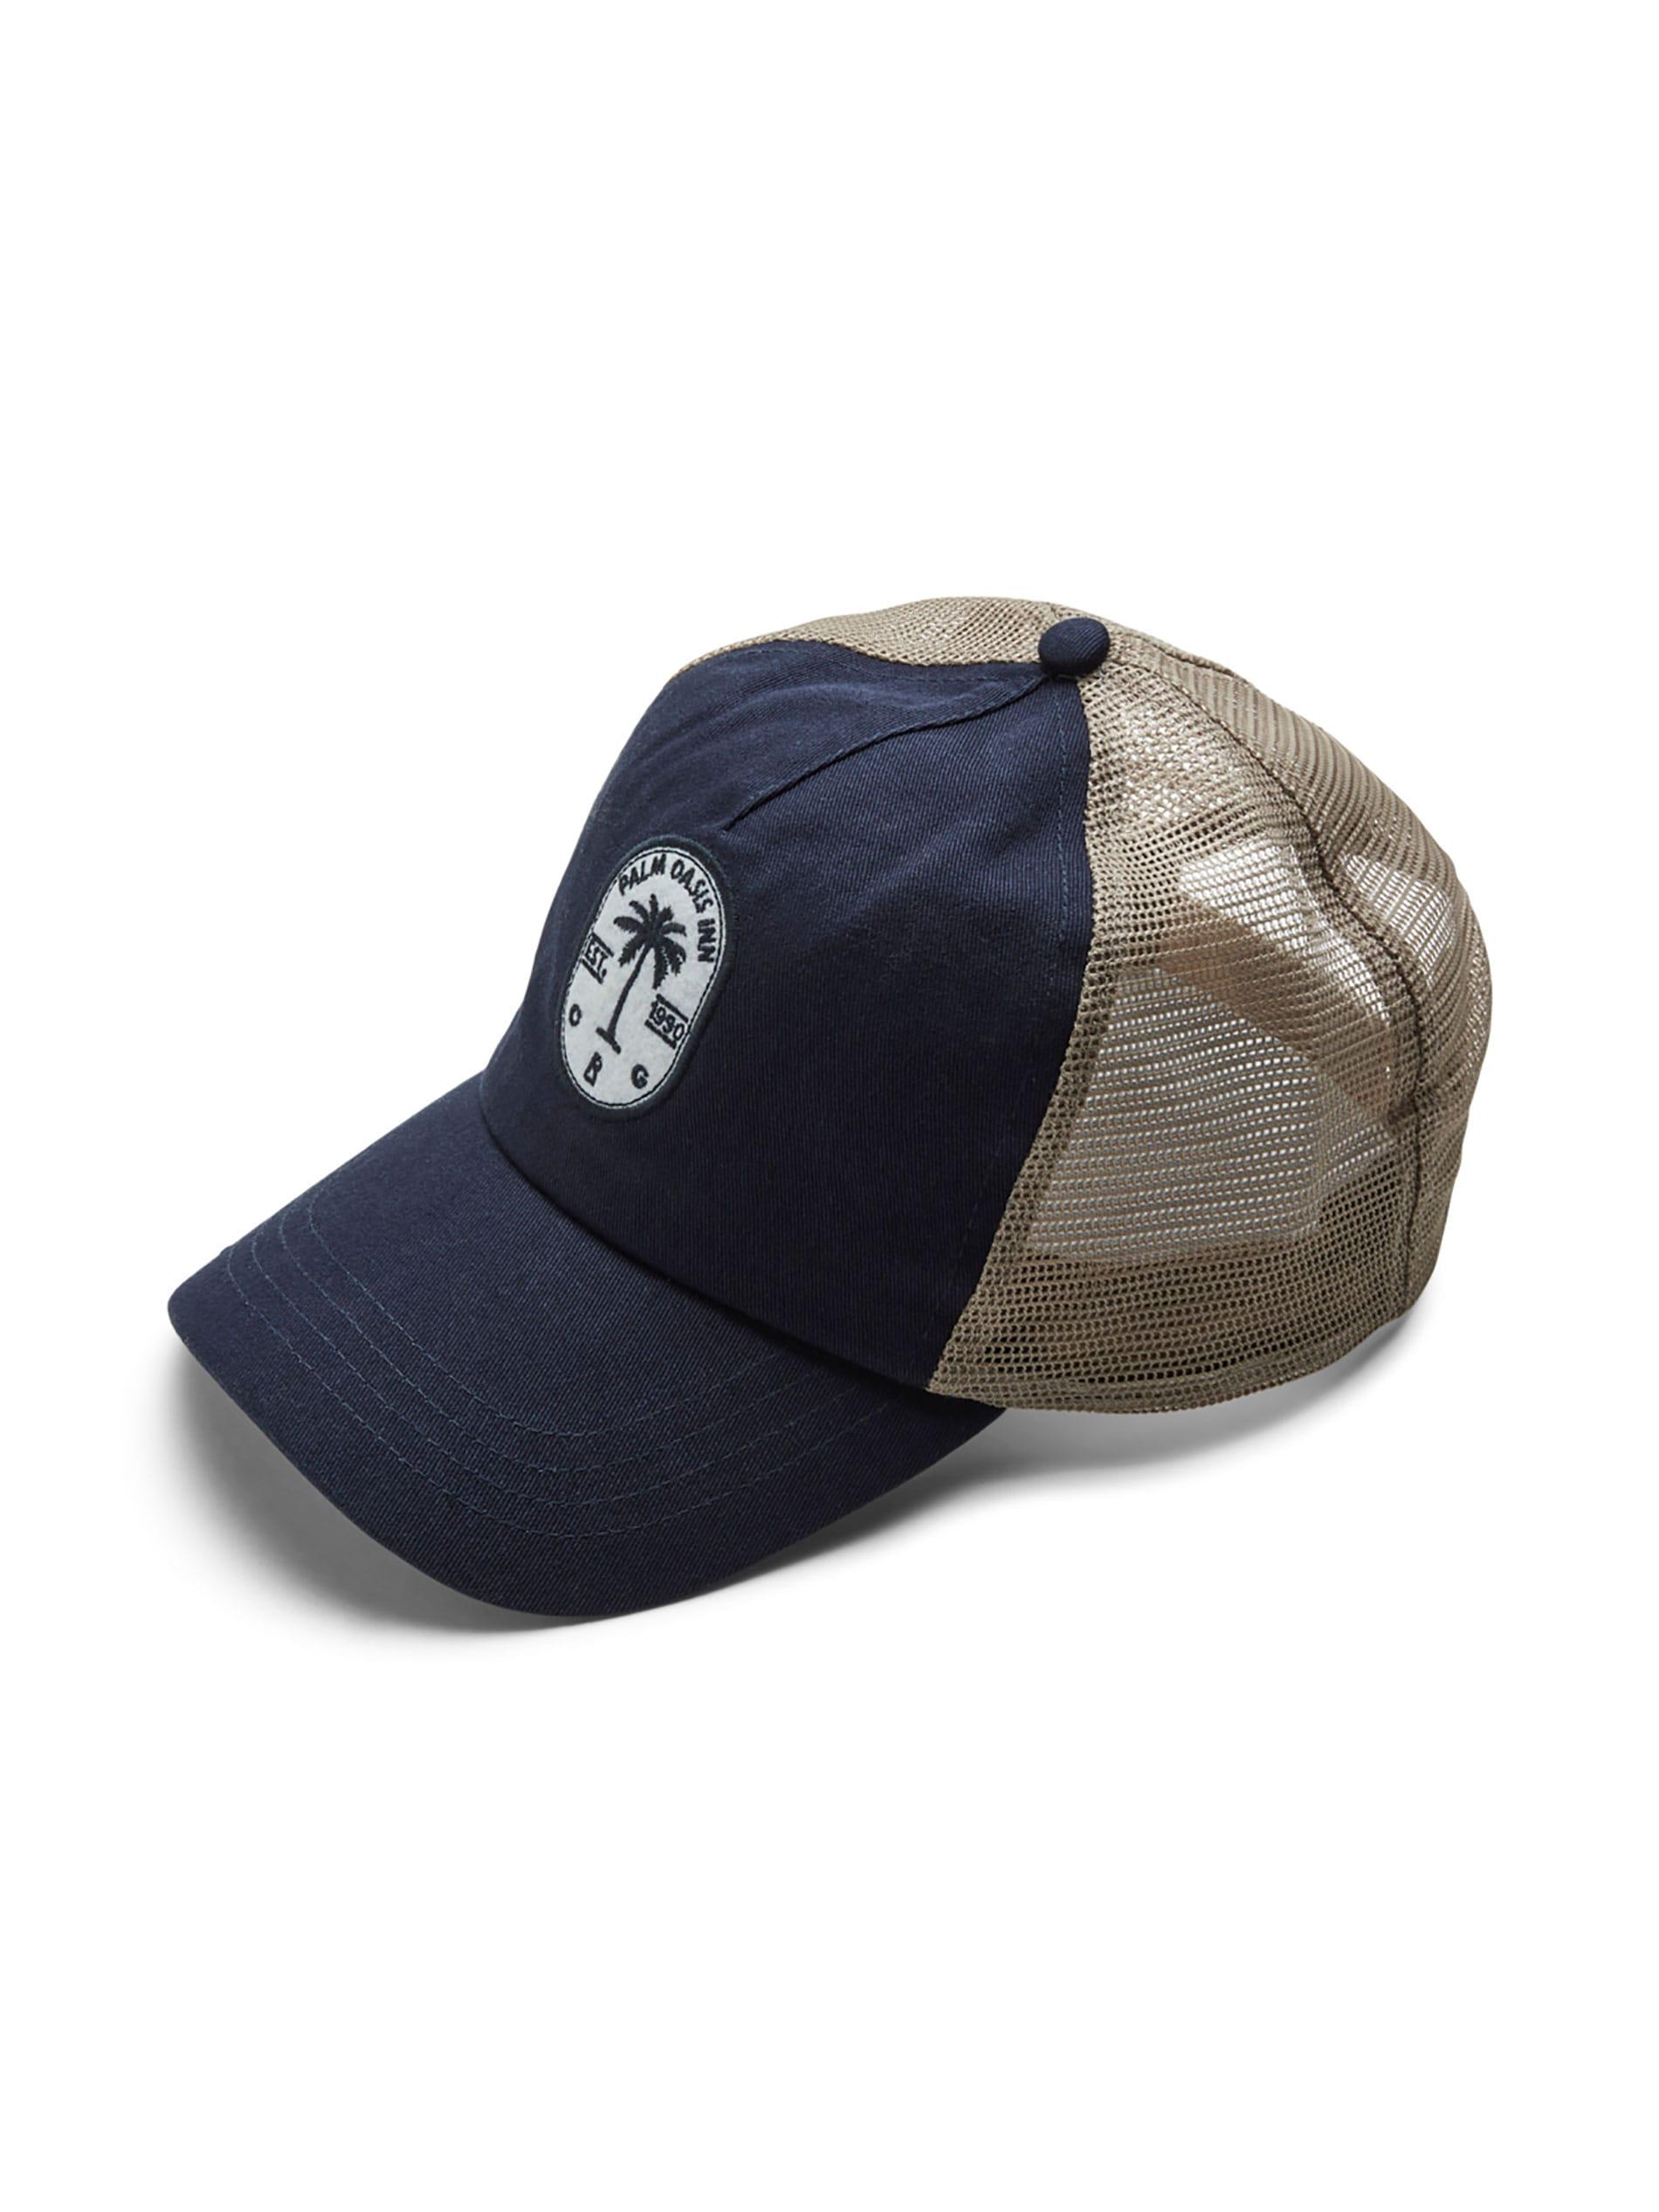 JACK & JONES Navy Embroidered Trucker Cap